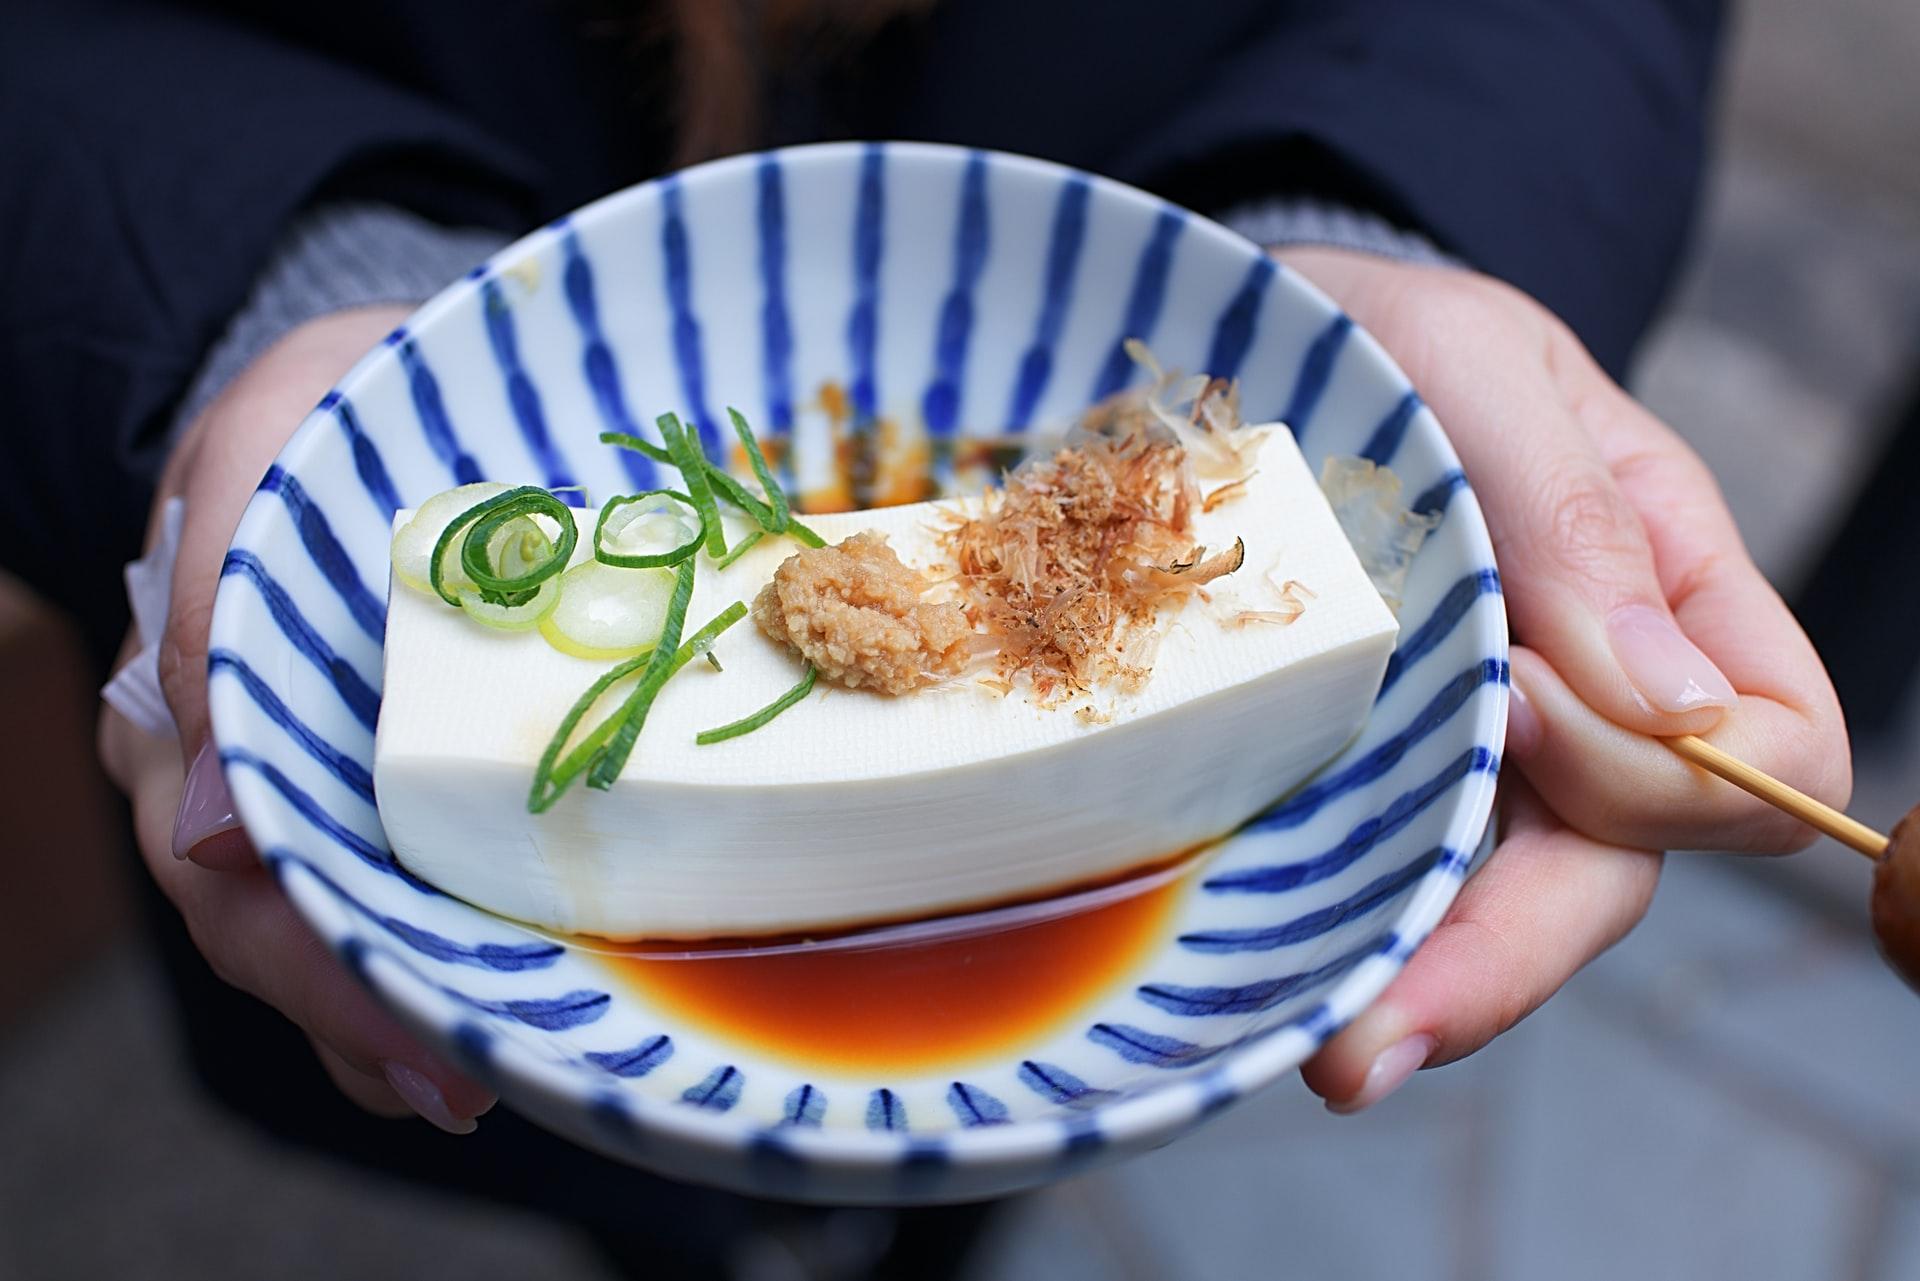 К национальным особенностям кухни относят такие продукты как водоросли, соевый сыр тофу и пасту мисо